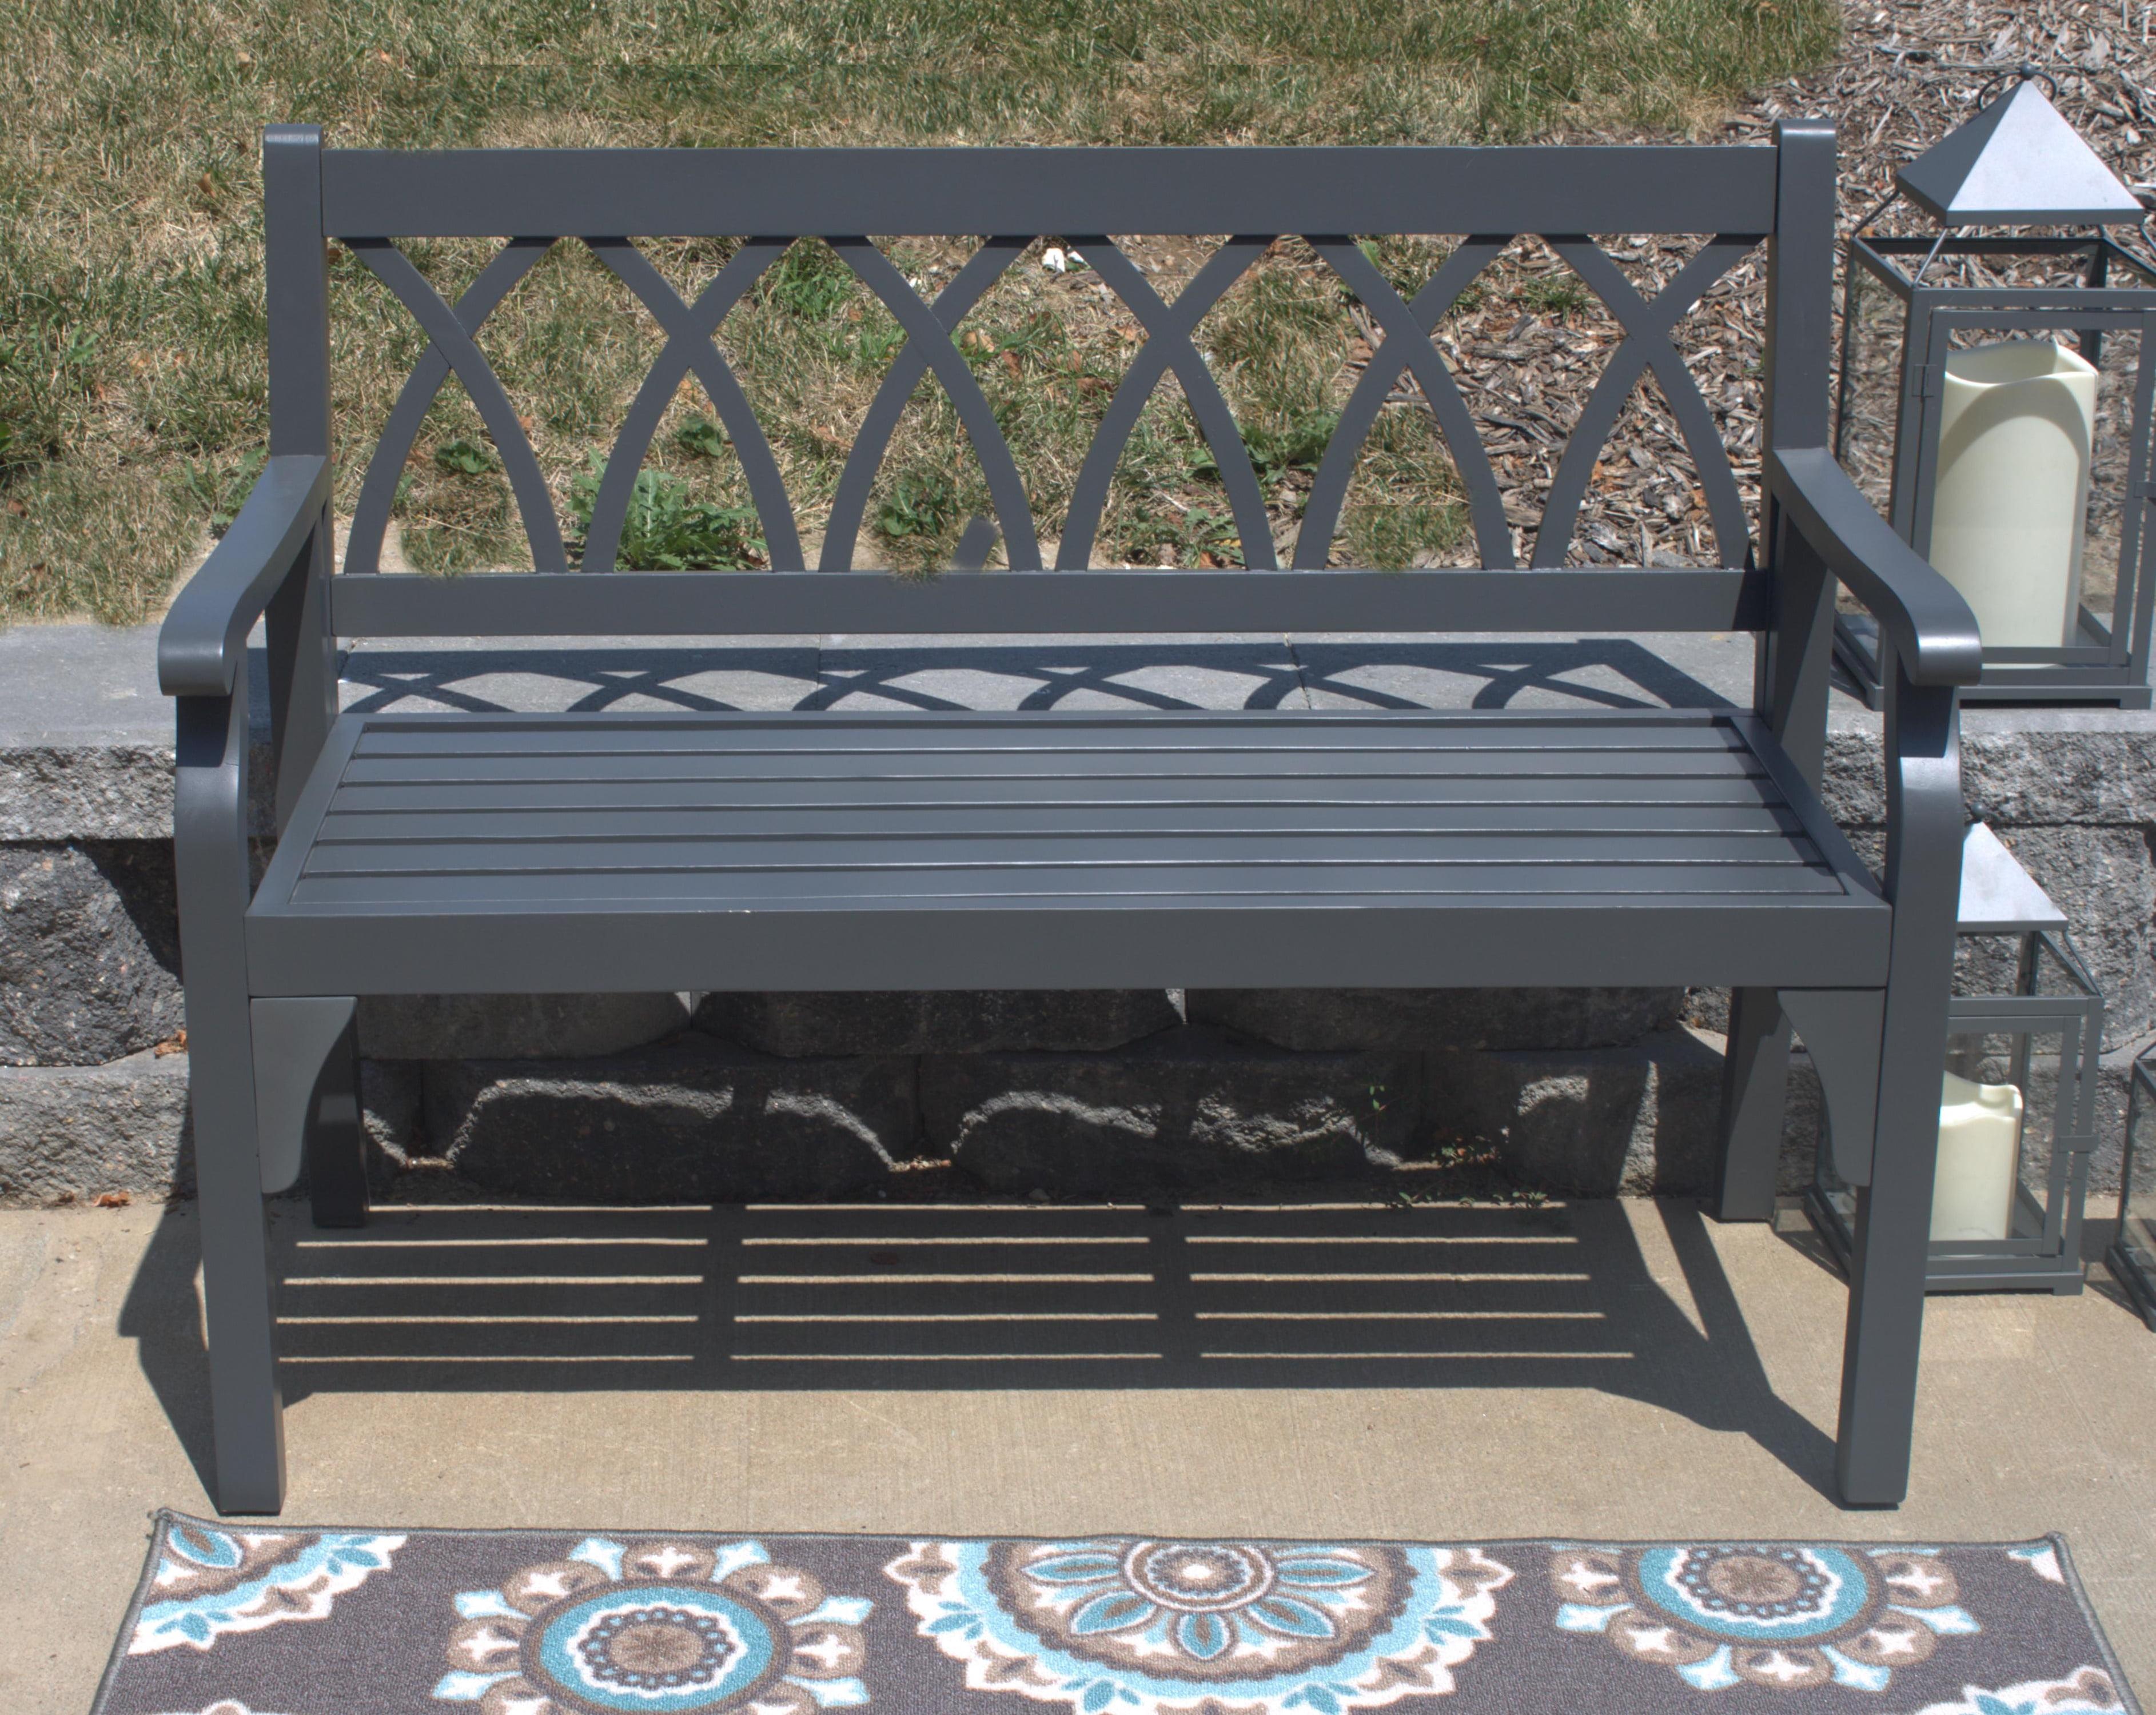 Pebble Lane Living Elegant Hardwood Outdoor 2 Seater Bench ... on Pebble Lane Living id=50455